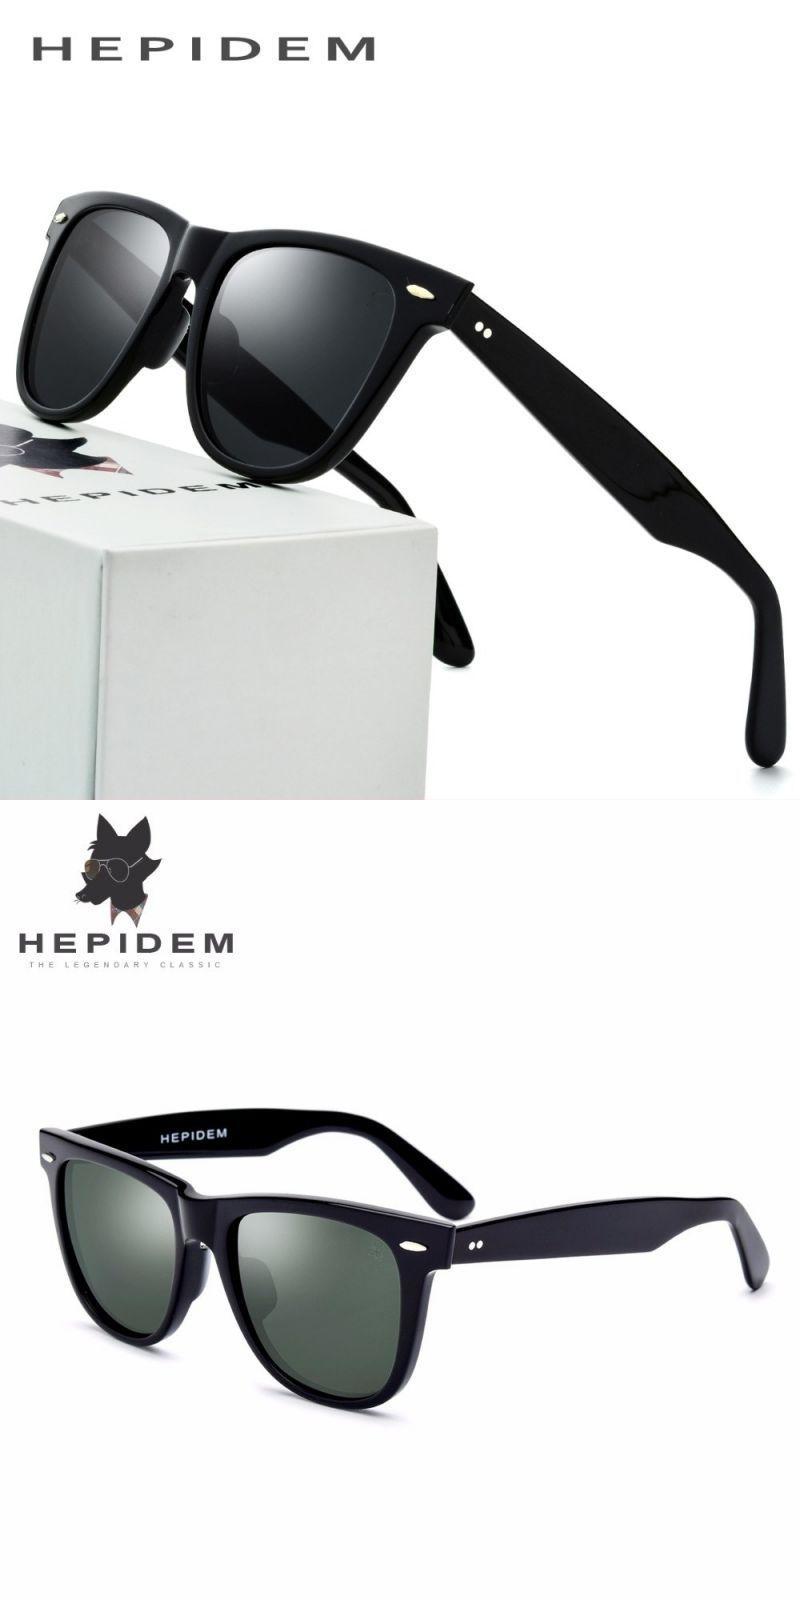 7f4ac5814139d Acetate sunglasses men brand designer d squared full high quality sunglass  mirror korean sun glasses for women with nylon lenses  sunglasses  eyewear   tac ...